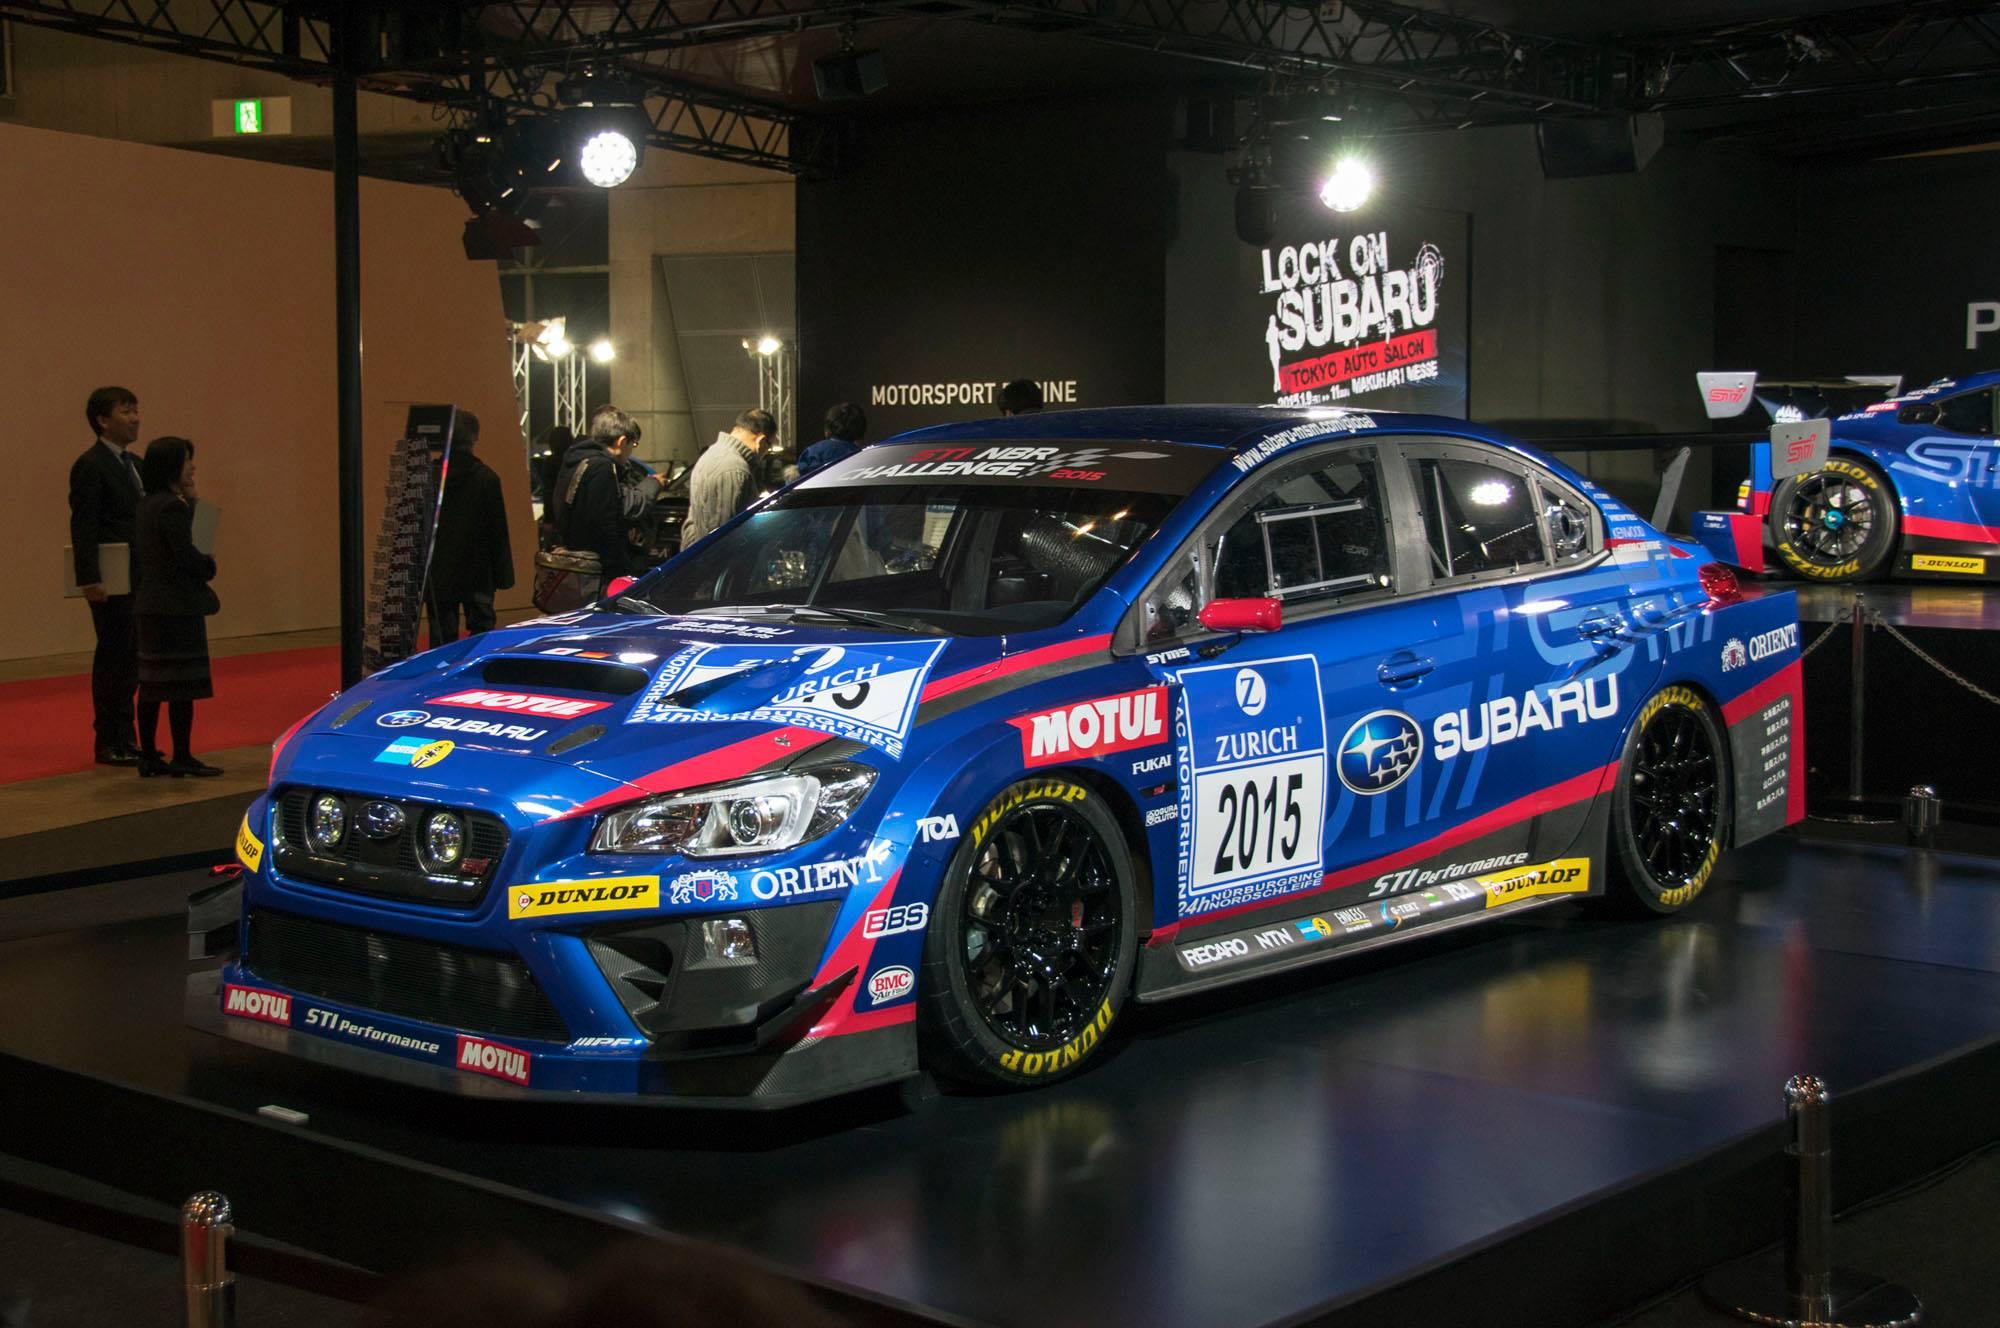 2015 Subaru Racers Revealed: WRX STI for Nurburgring 24H ...